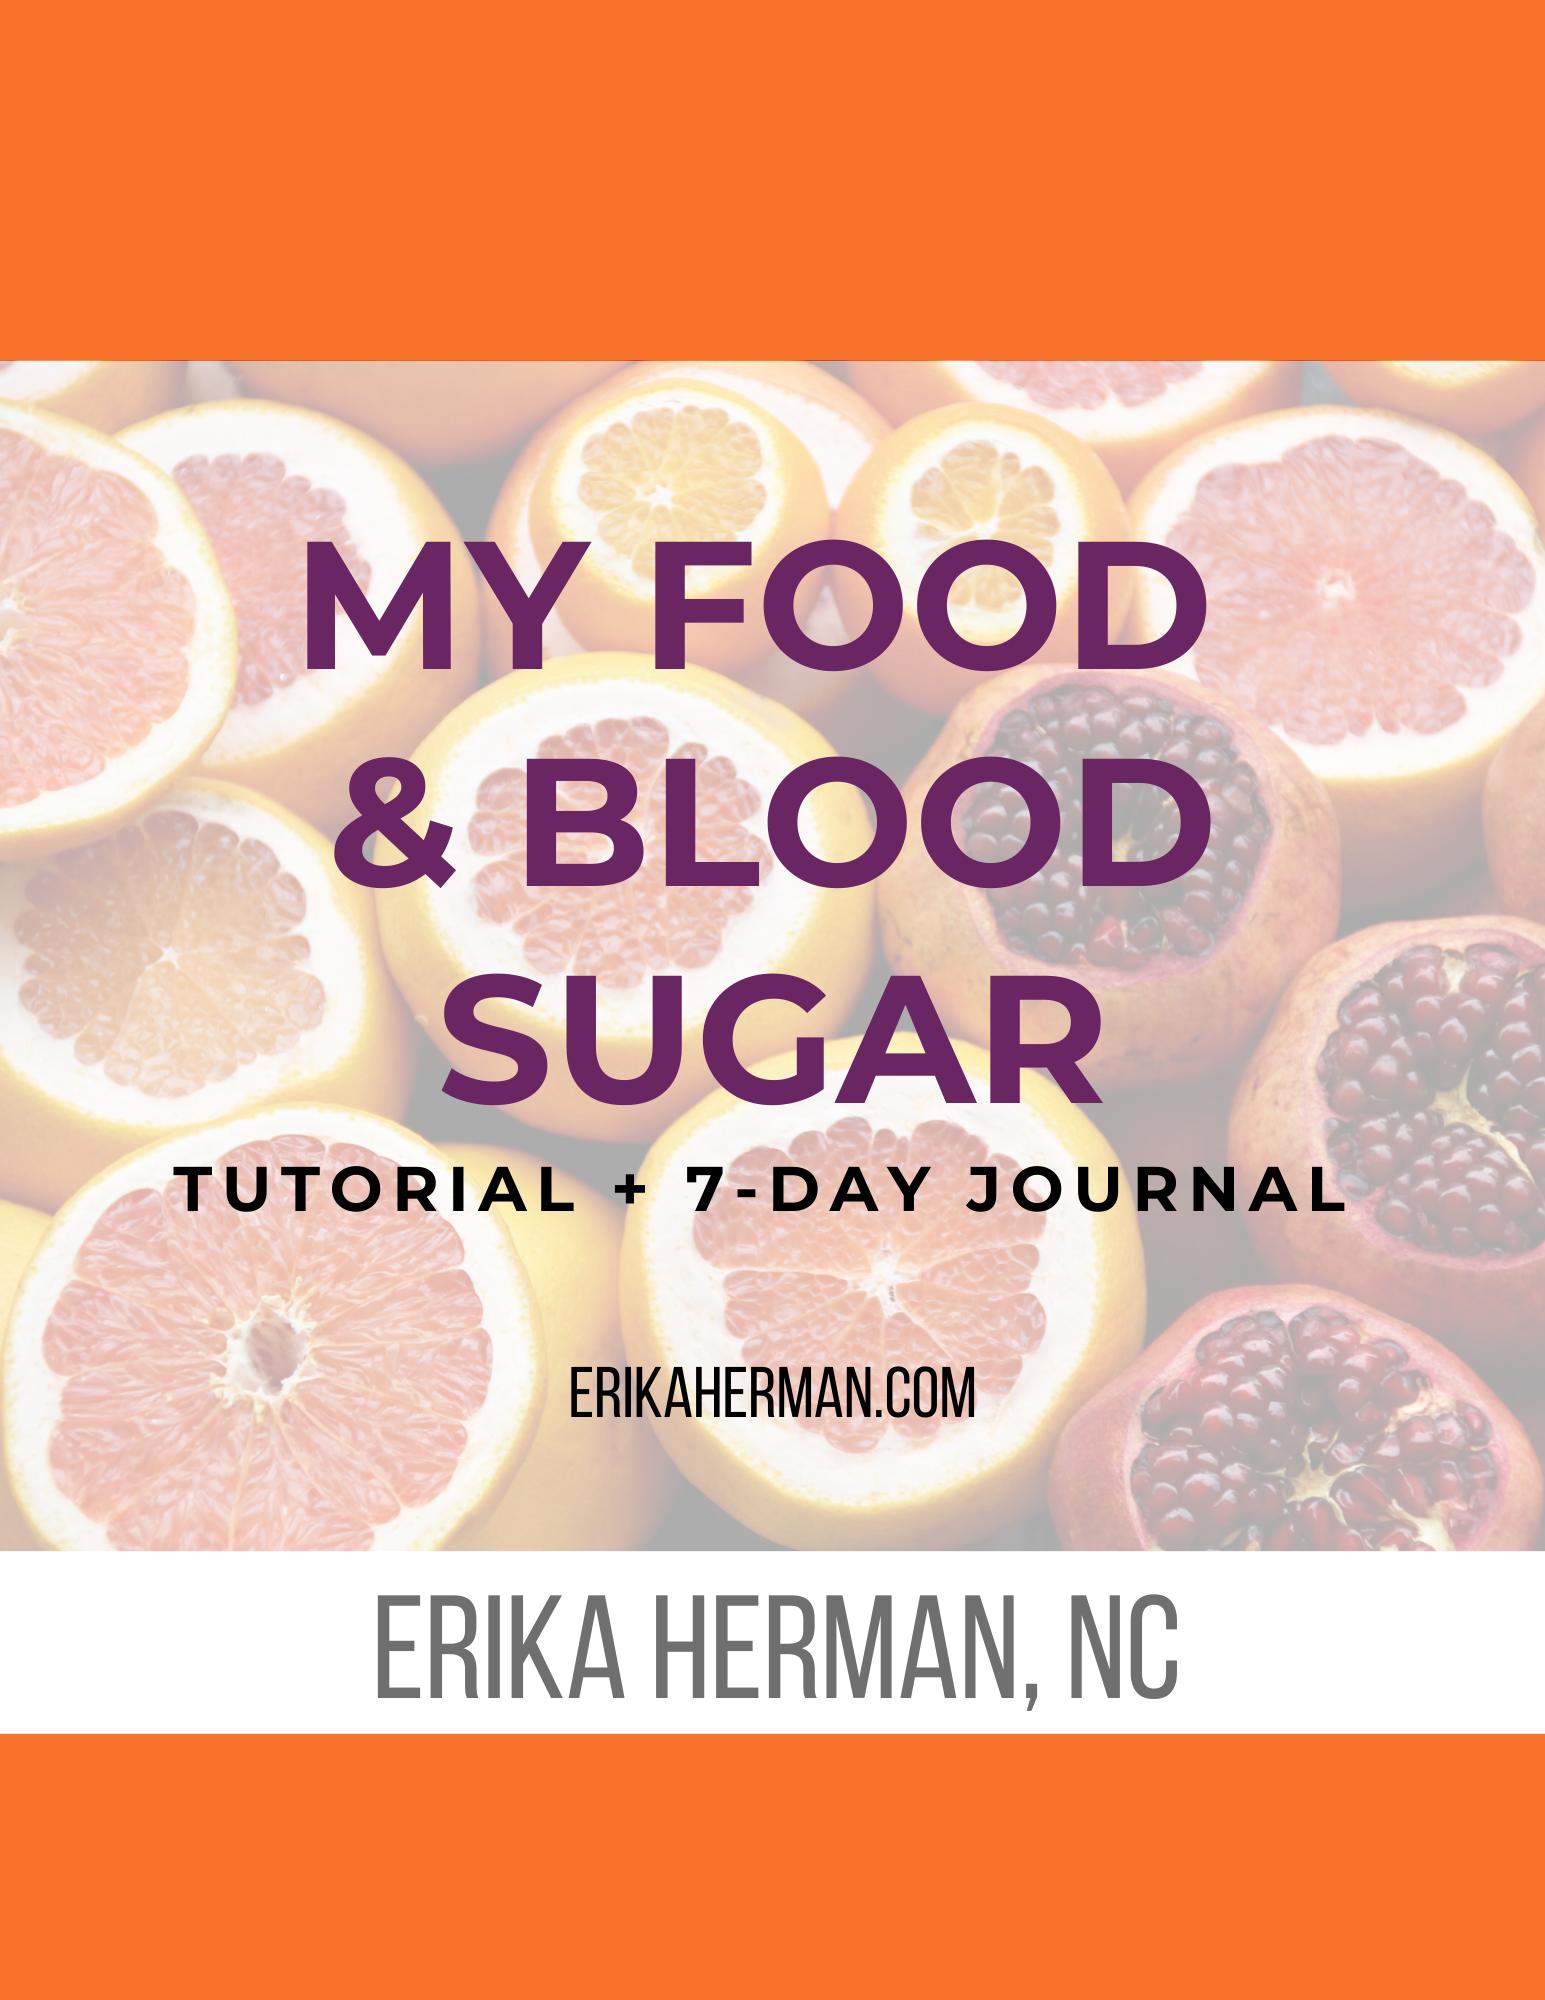 FREE STUFF: Food + Blood Sugar Tutorial + 7-Day Journal - Erika Herman - ErikaHerman.com